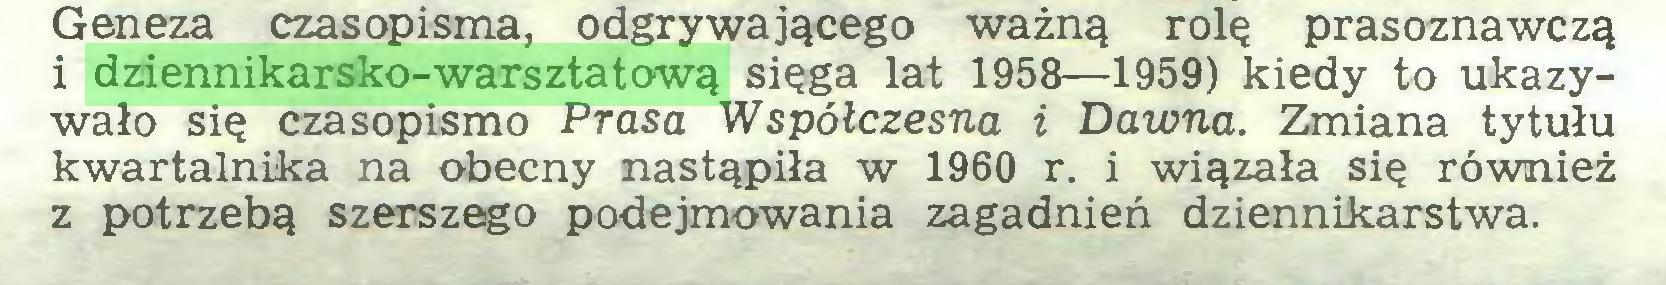 (...) Geneza czasopisma, odgrywającego ważną rolę prasoznawczą i dziennikarsko-warsztatową sięga lat 1958—1959) kiedy to ukazywało się czasopismo Prasa Współczesna i Dawna. Zmiana tytułu kwartalnika na obecny nastąpiła w 1960 r. i wiązała się również z potrzebą szerszego podejmowania zagadnień dziennikarstwa...